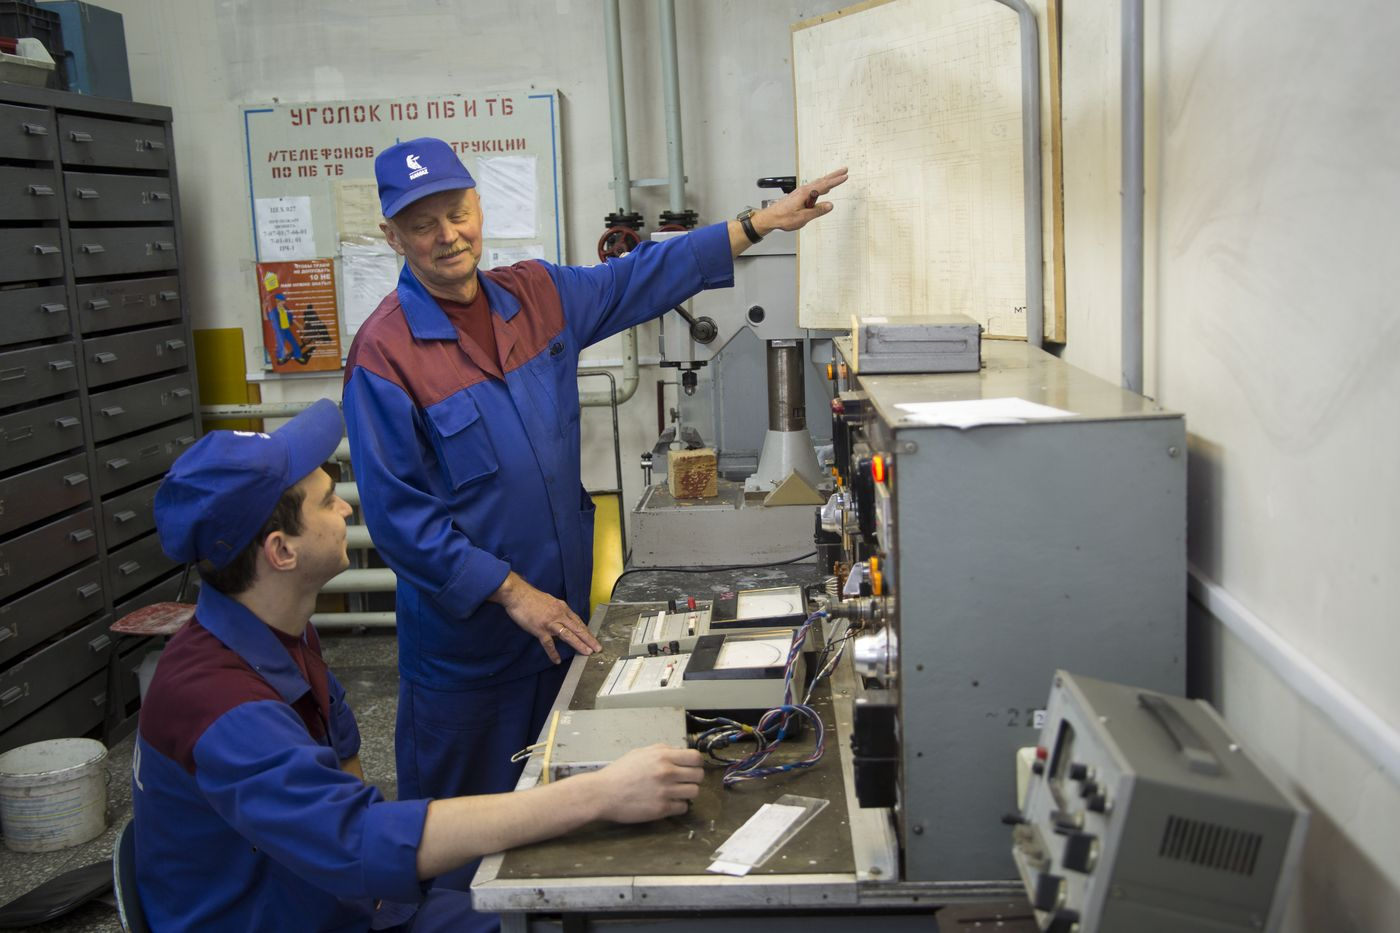 Наставник Алика, бригадир 315 бригады электриков, Евгений Филаретович Анисимов, передаёт уникальный опыт